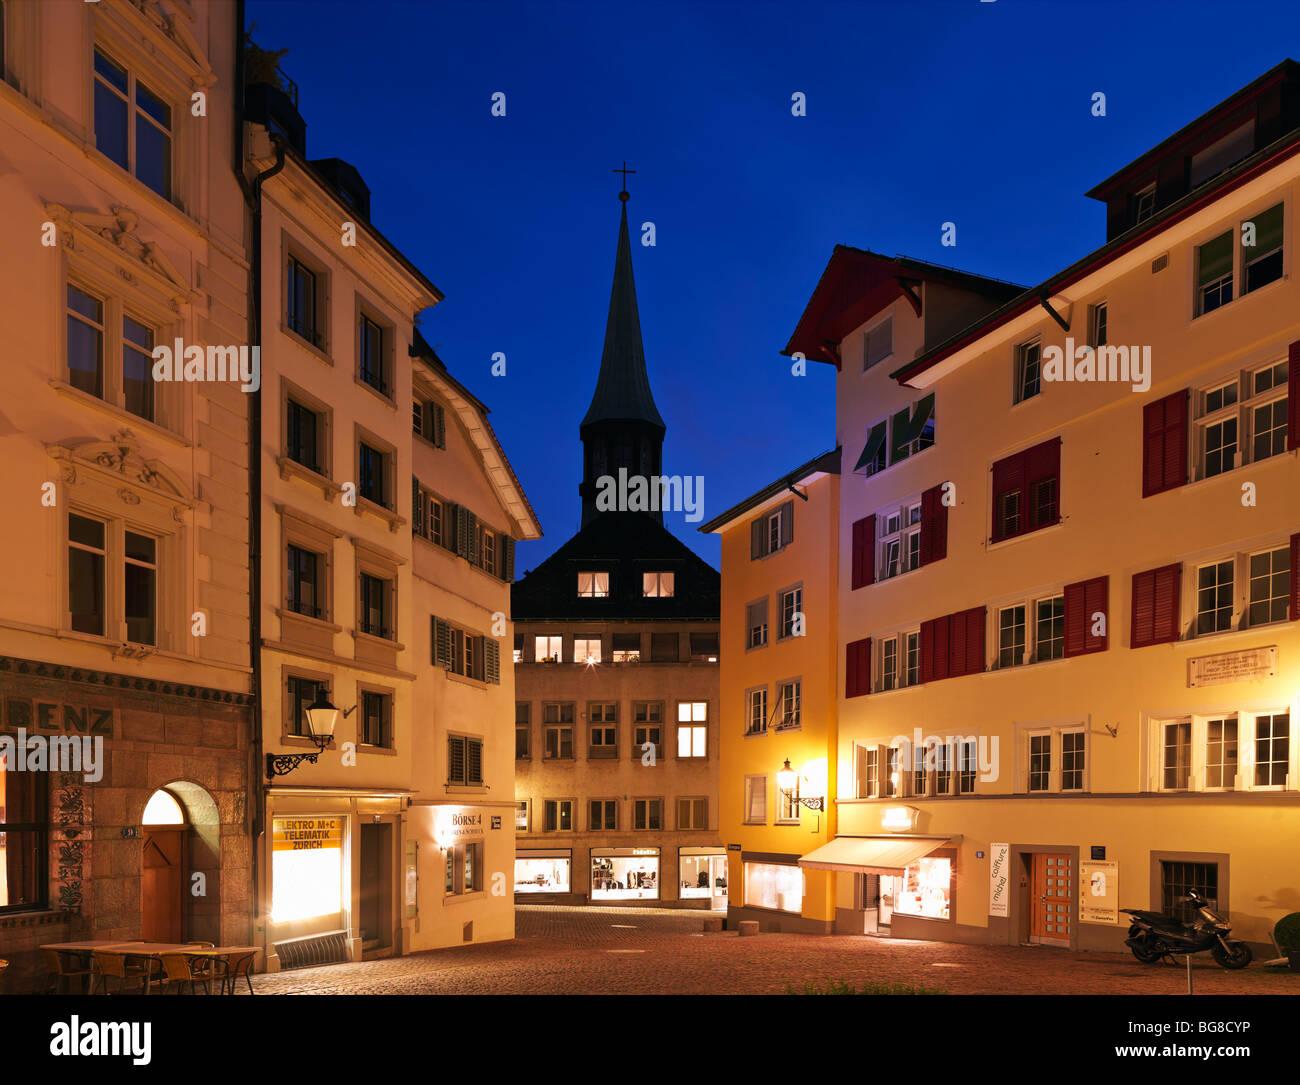 Switzerland, Zurich,Old Town Zurich, street scene with view of Augustiner Church at dusk - Stock Image